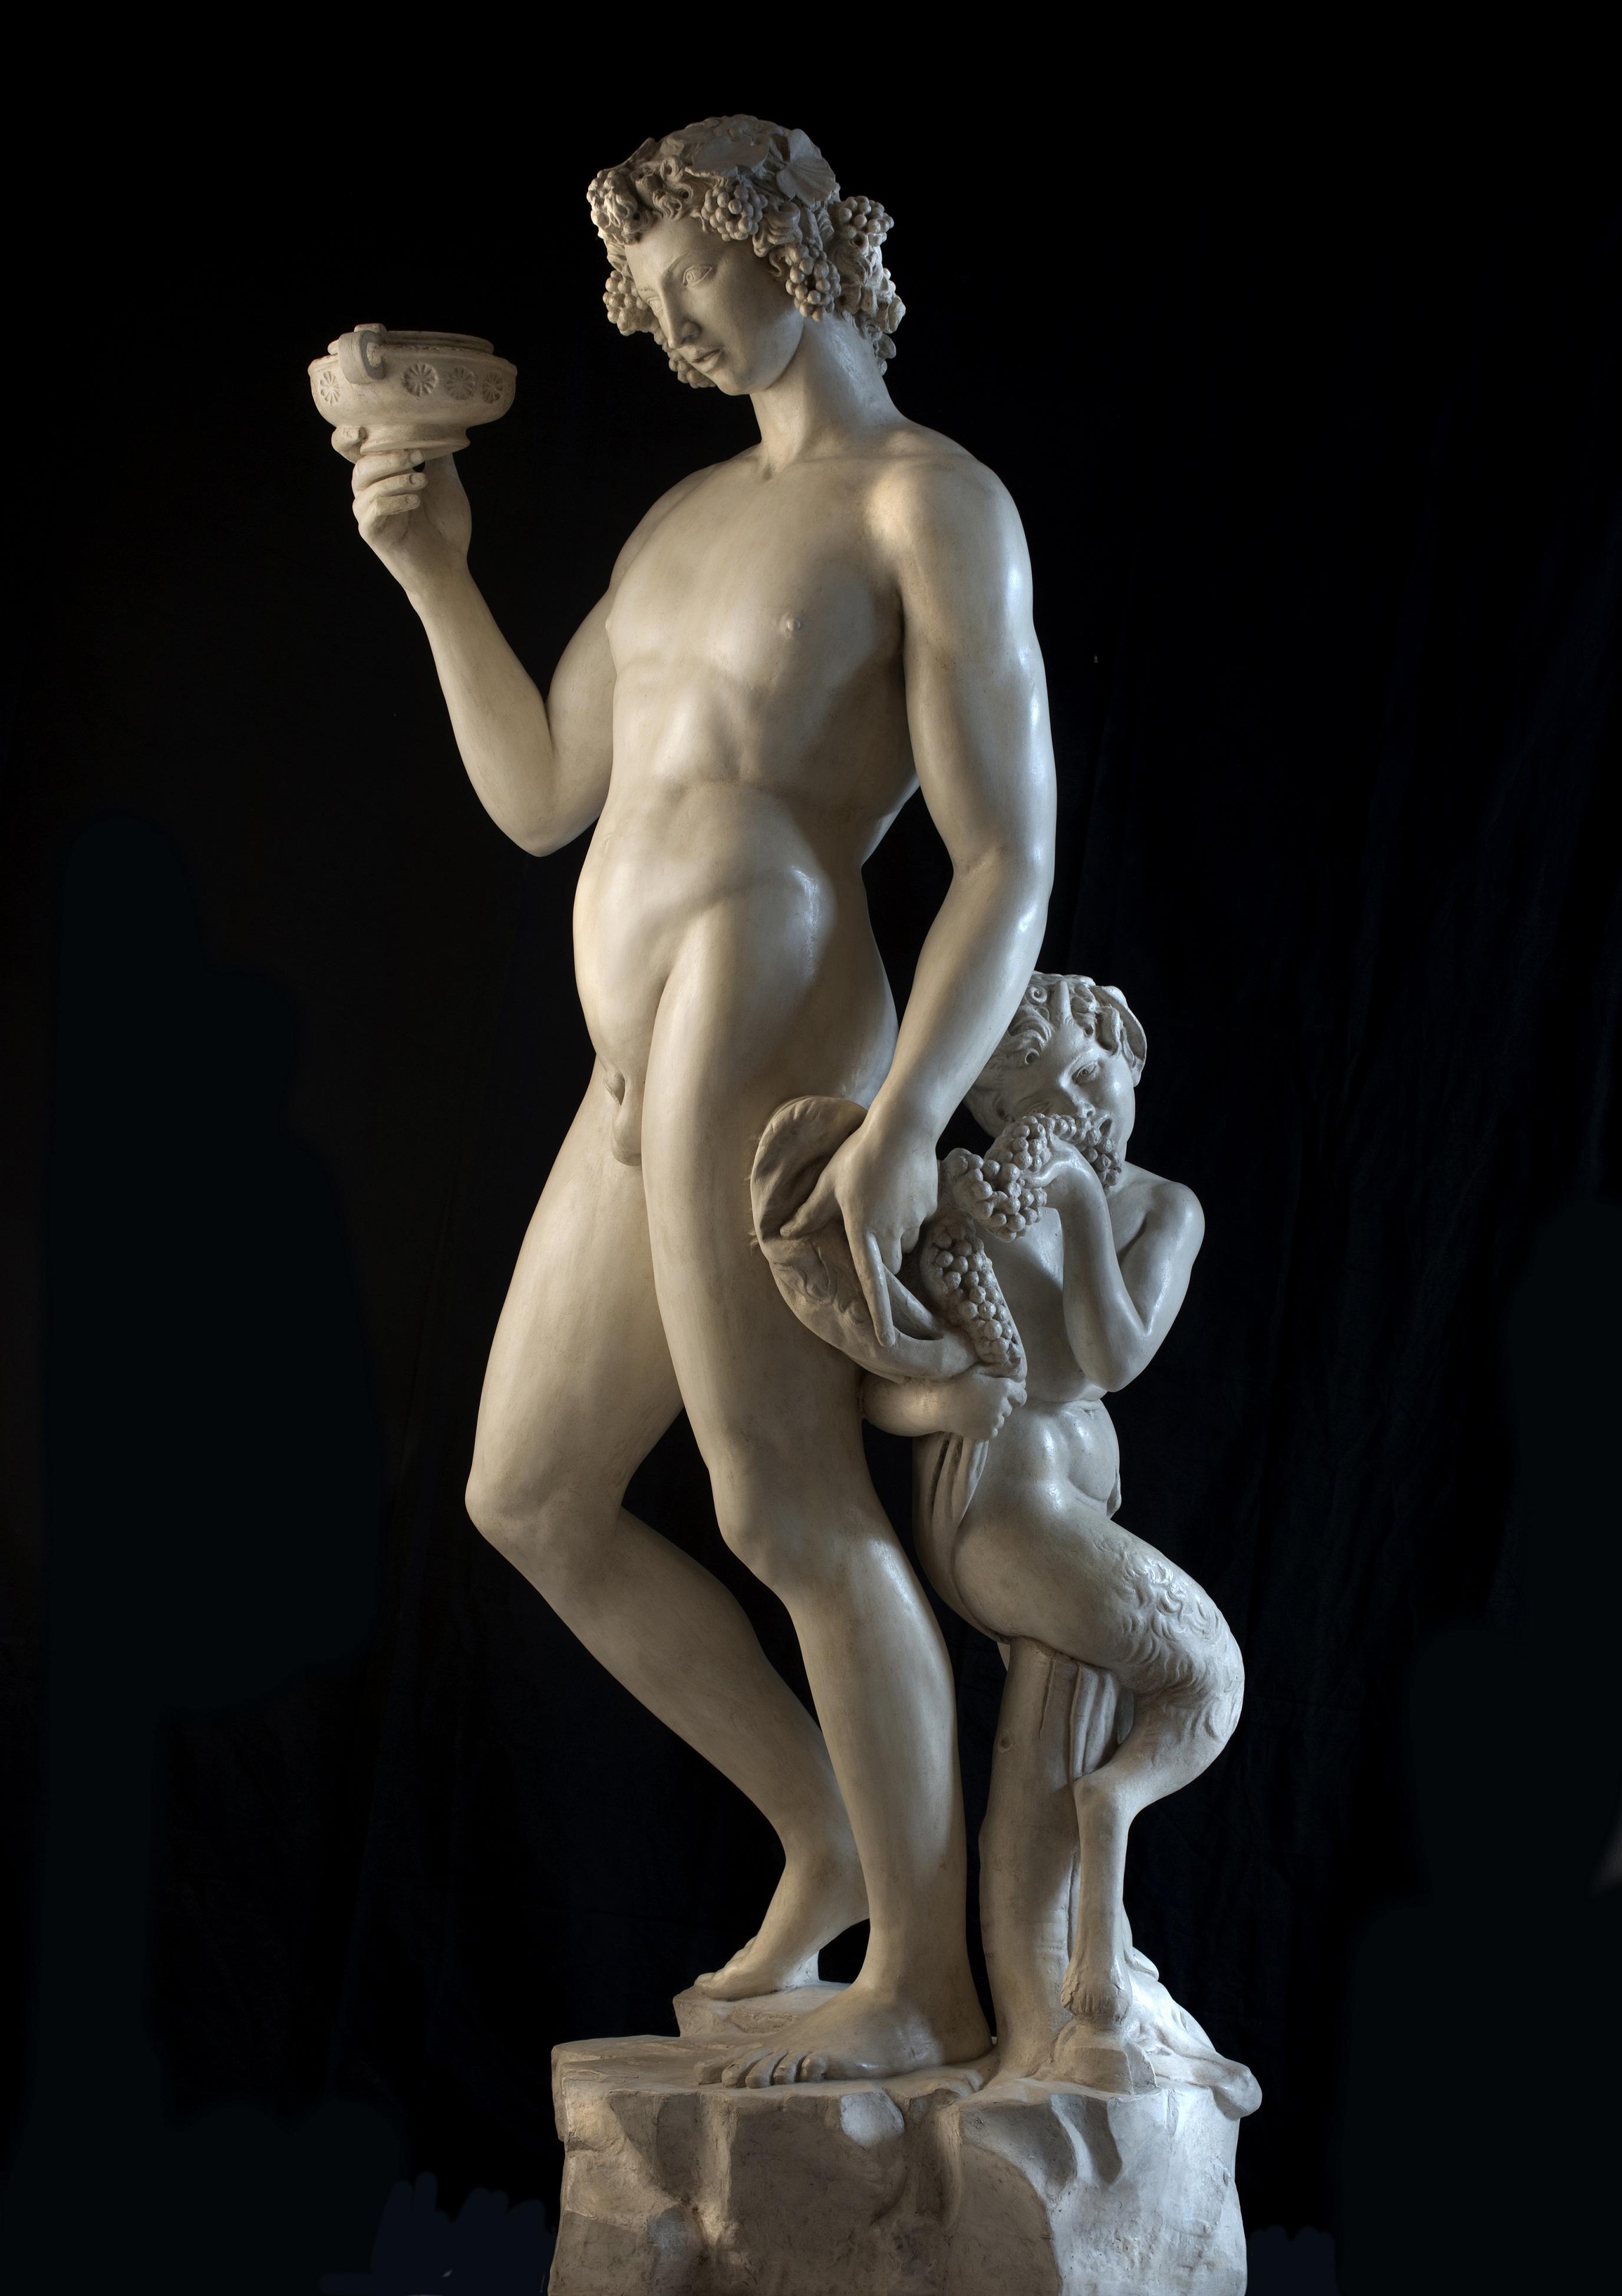 天堂审判重生 - 文艺复兴巨匠再现 米开朗基罗 特展